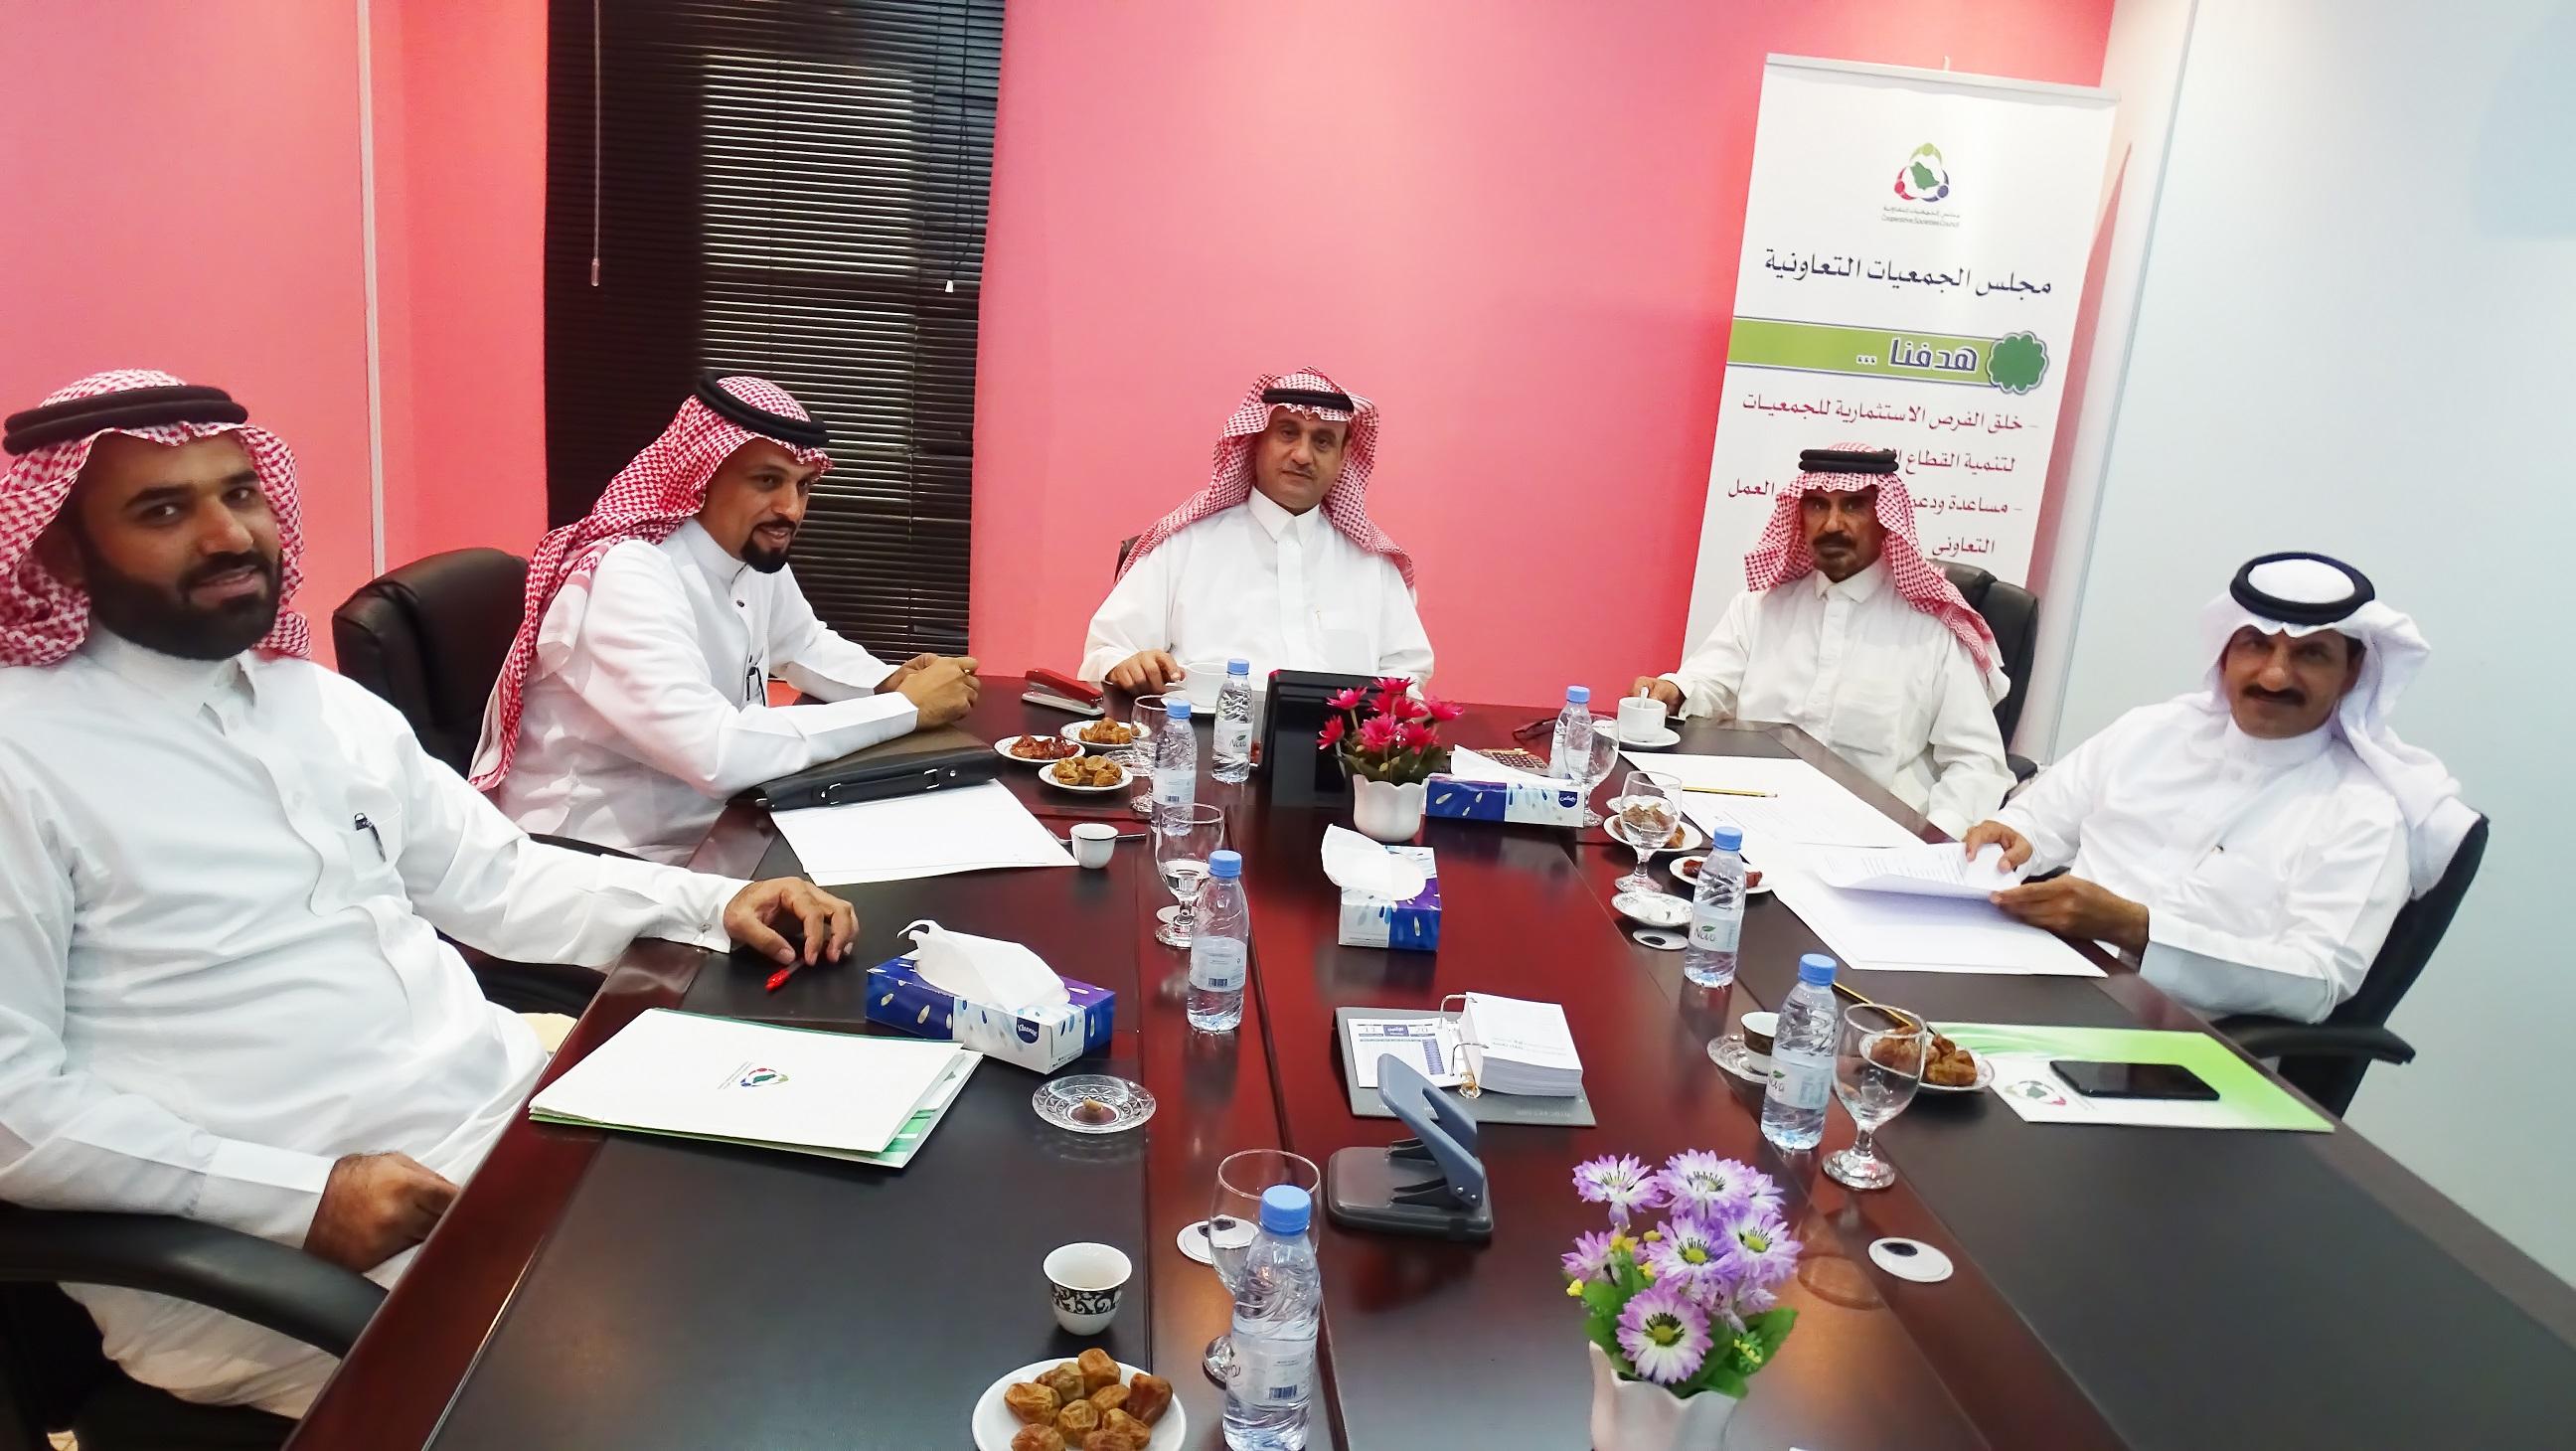 الإجتماع الأول للجنة الإستشارية بتاريخ 2017/09/26م